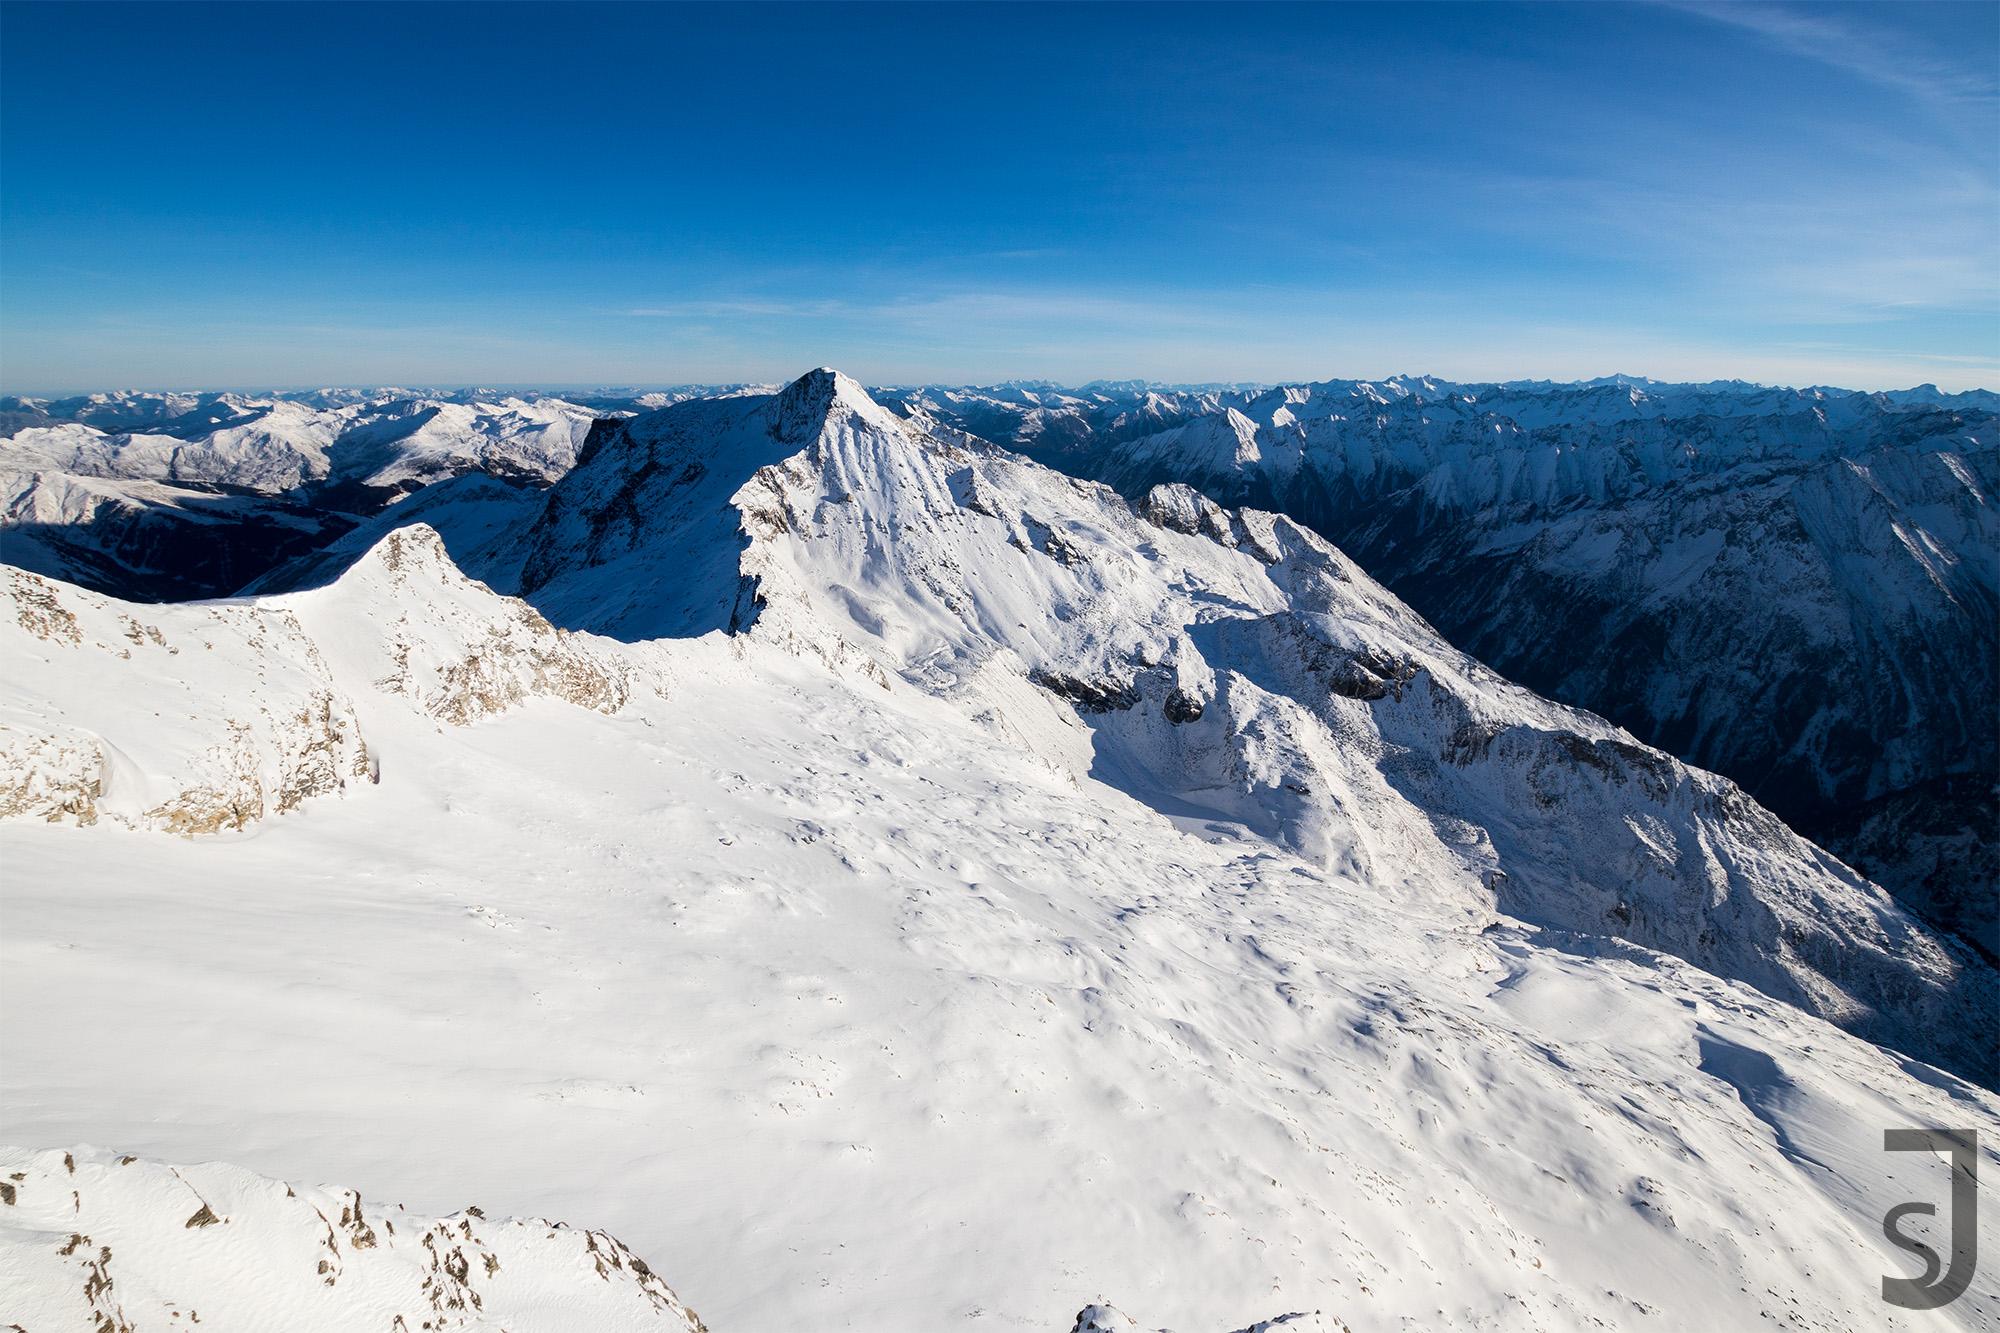 Hohe_Riffler,_Hintertuxer_Gletscher,_Österreich